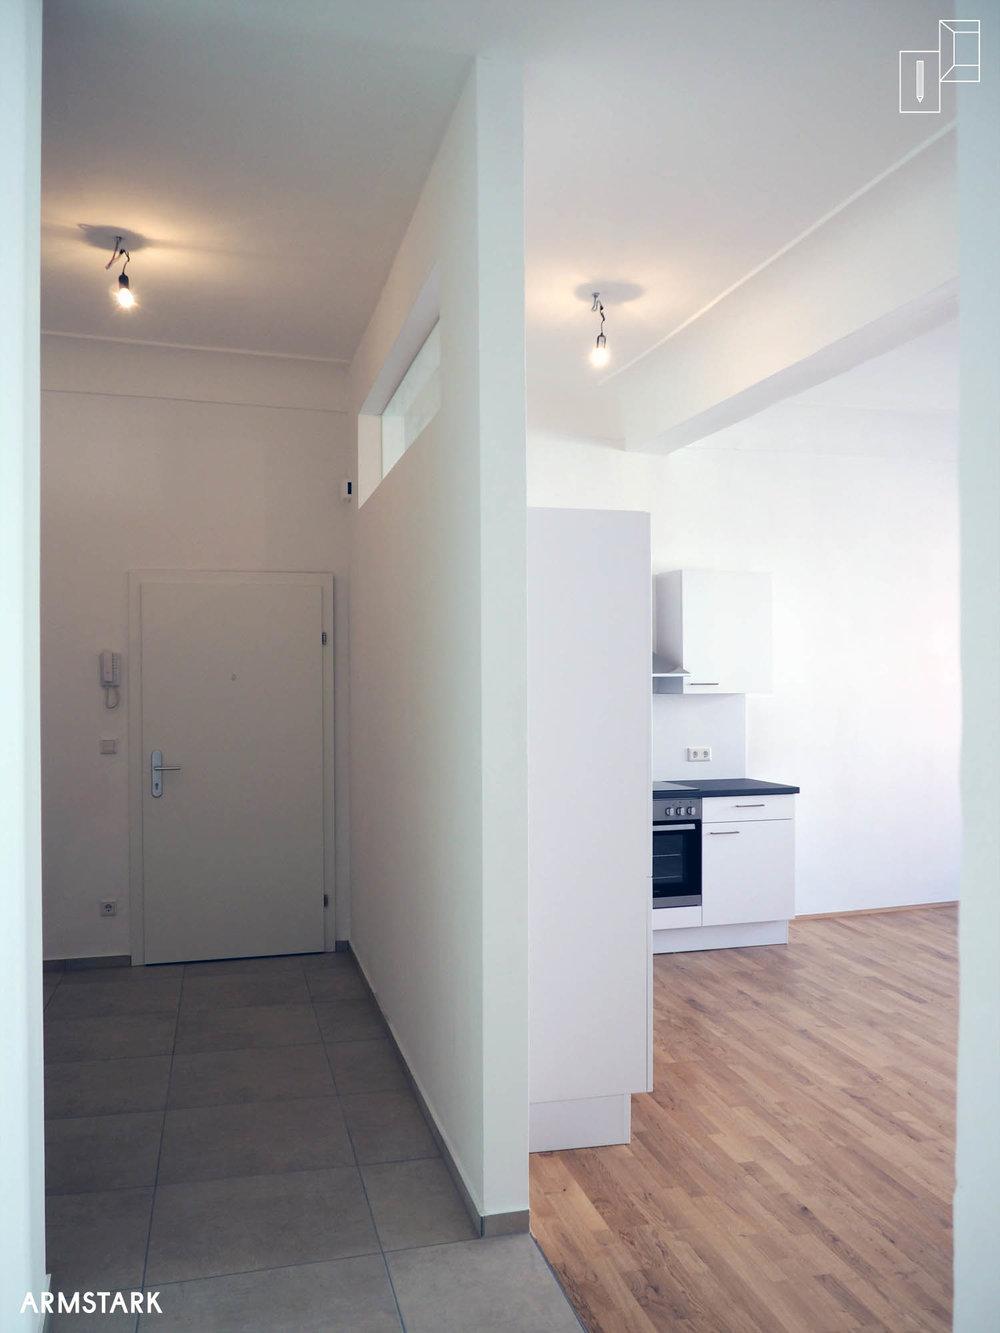 Vorzimmer-Wohnraum